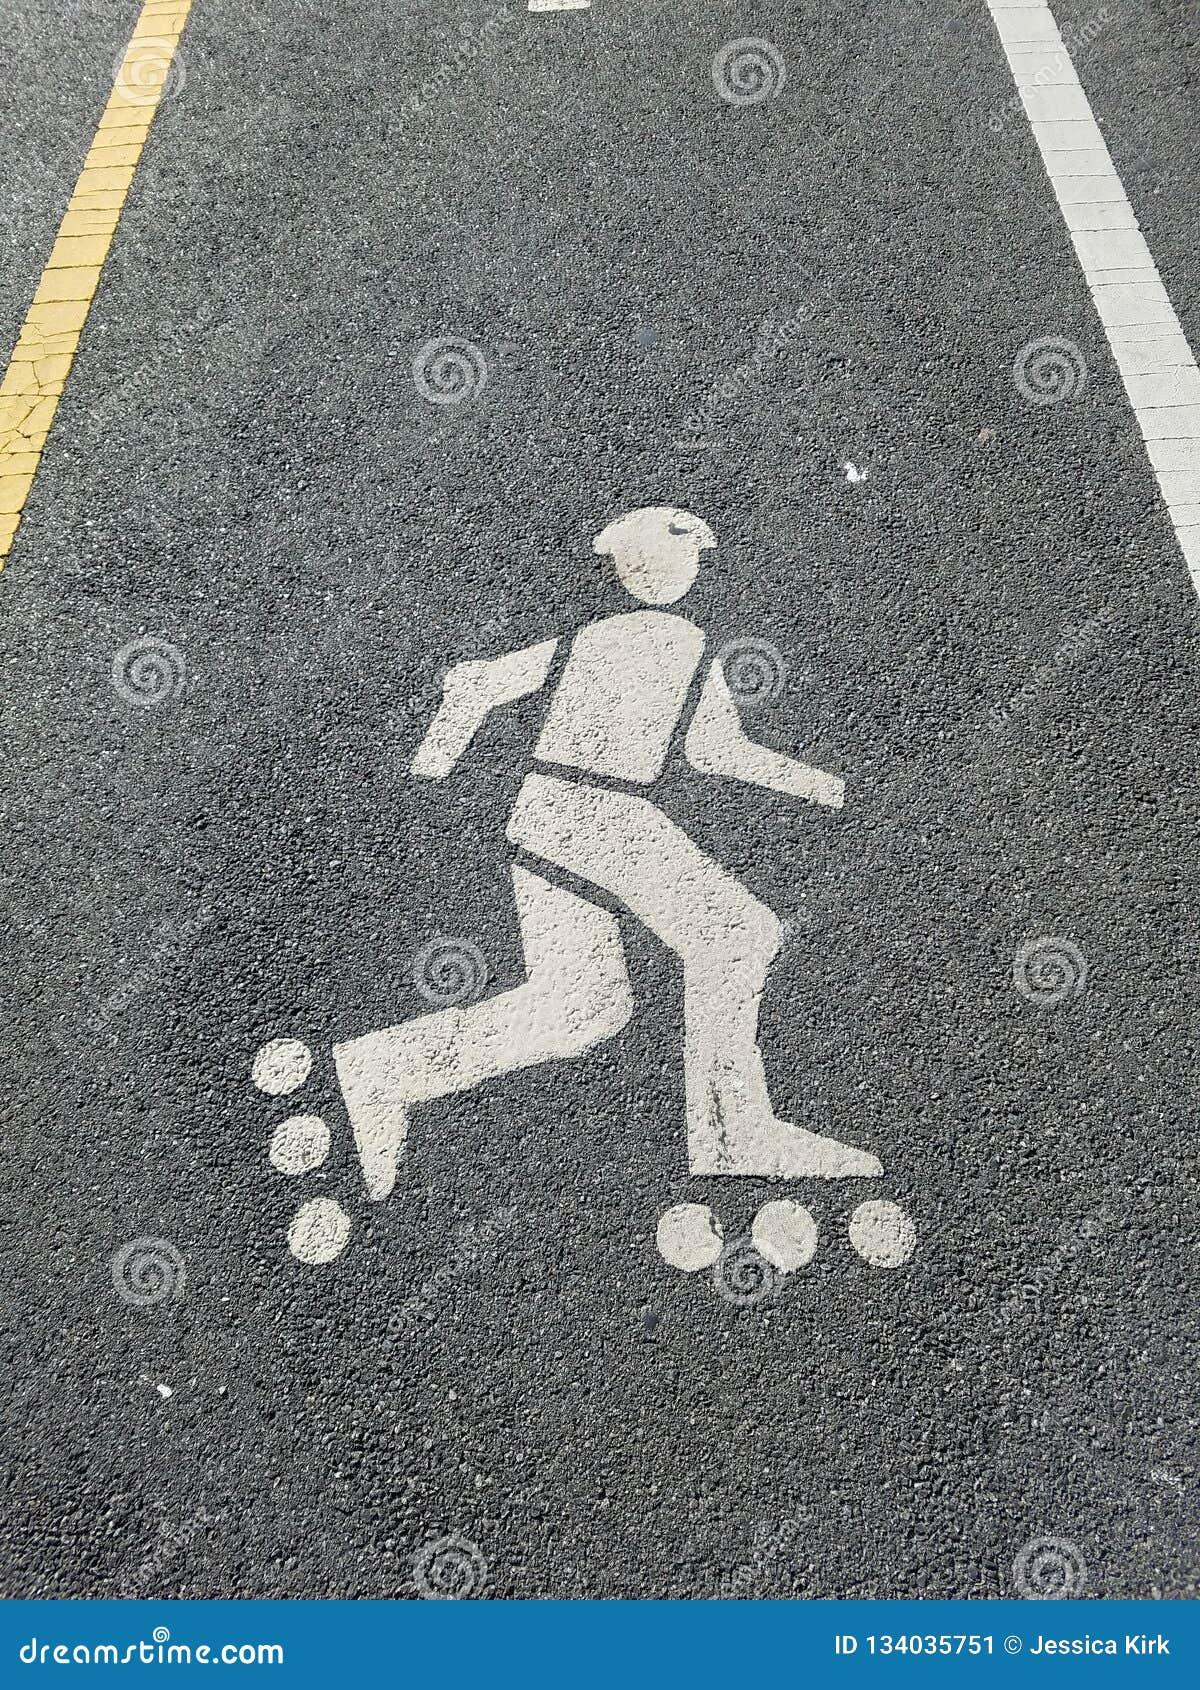 Gränd för åka skridskor för rulle på cykelbanan, med gula och vita delande linjer